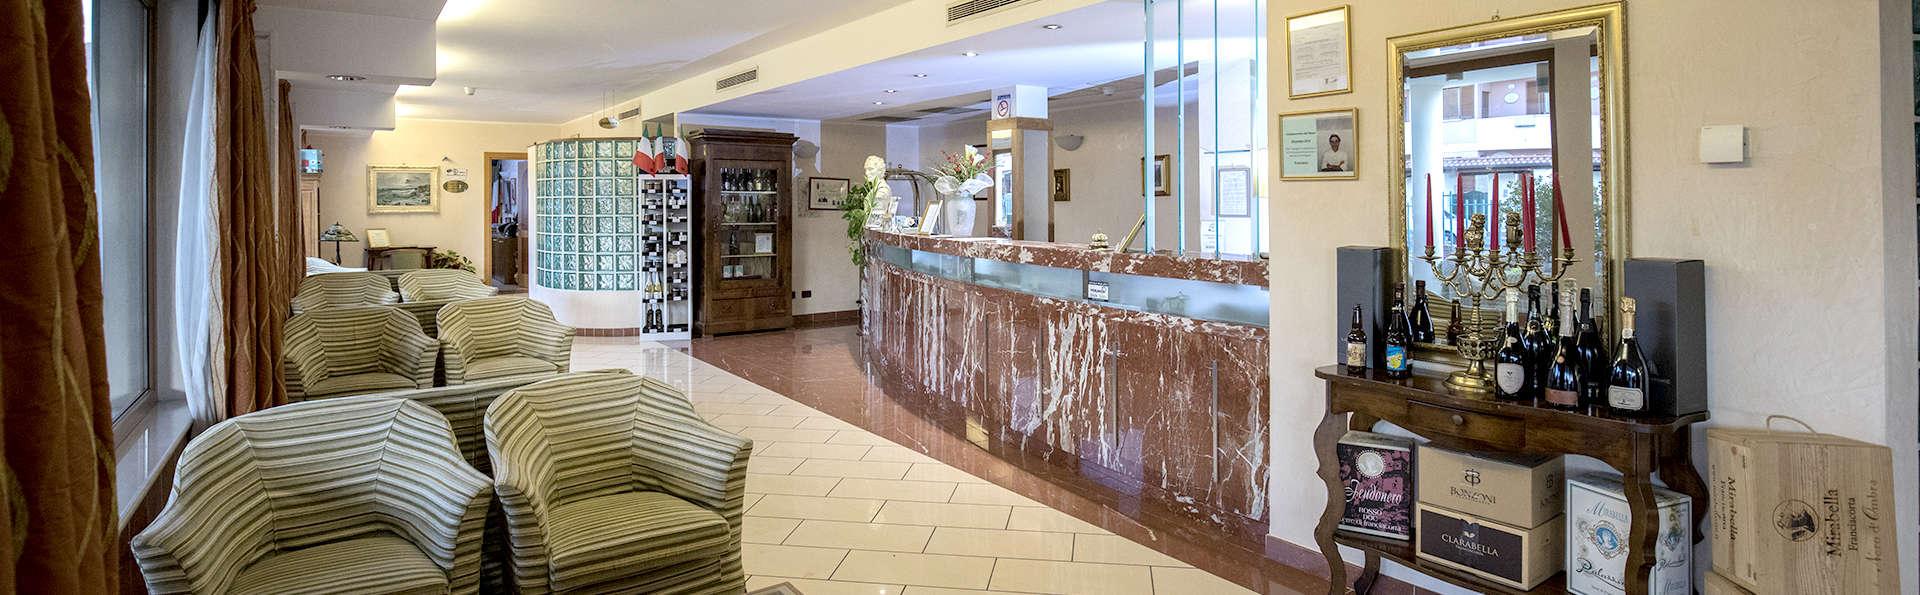 Hotel la Fonte Franciacorta - Edit_Lobby.jpg